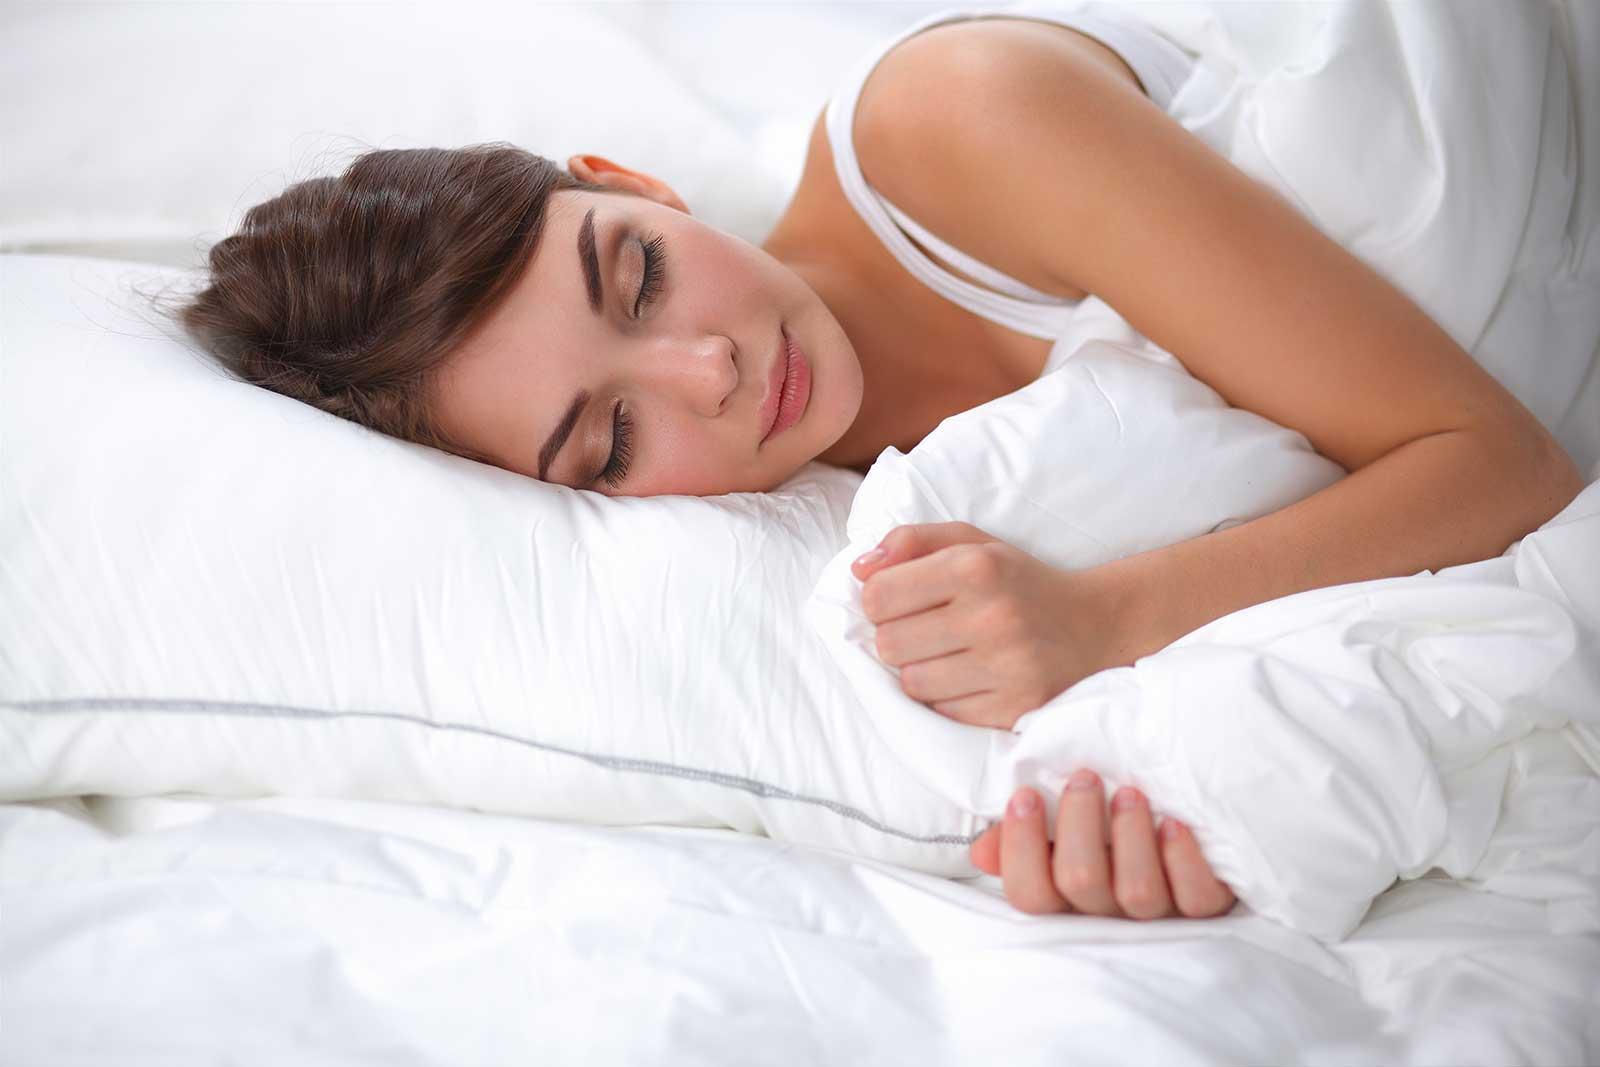 Dormire Con Due Cuscini.Come Dormire Con Il Reflusso Gastrico Materassi Morfeus